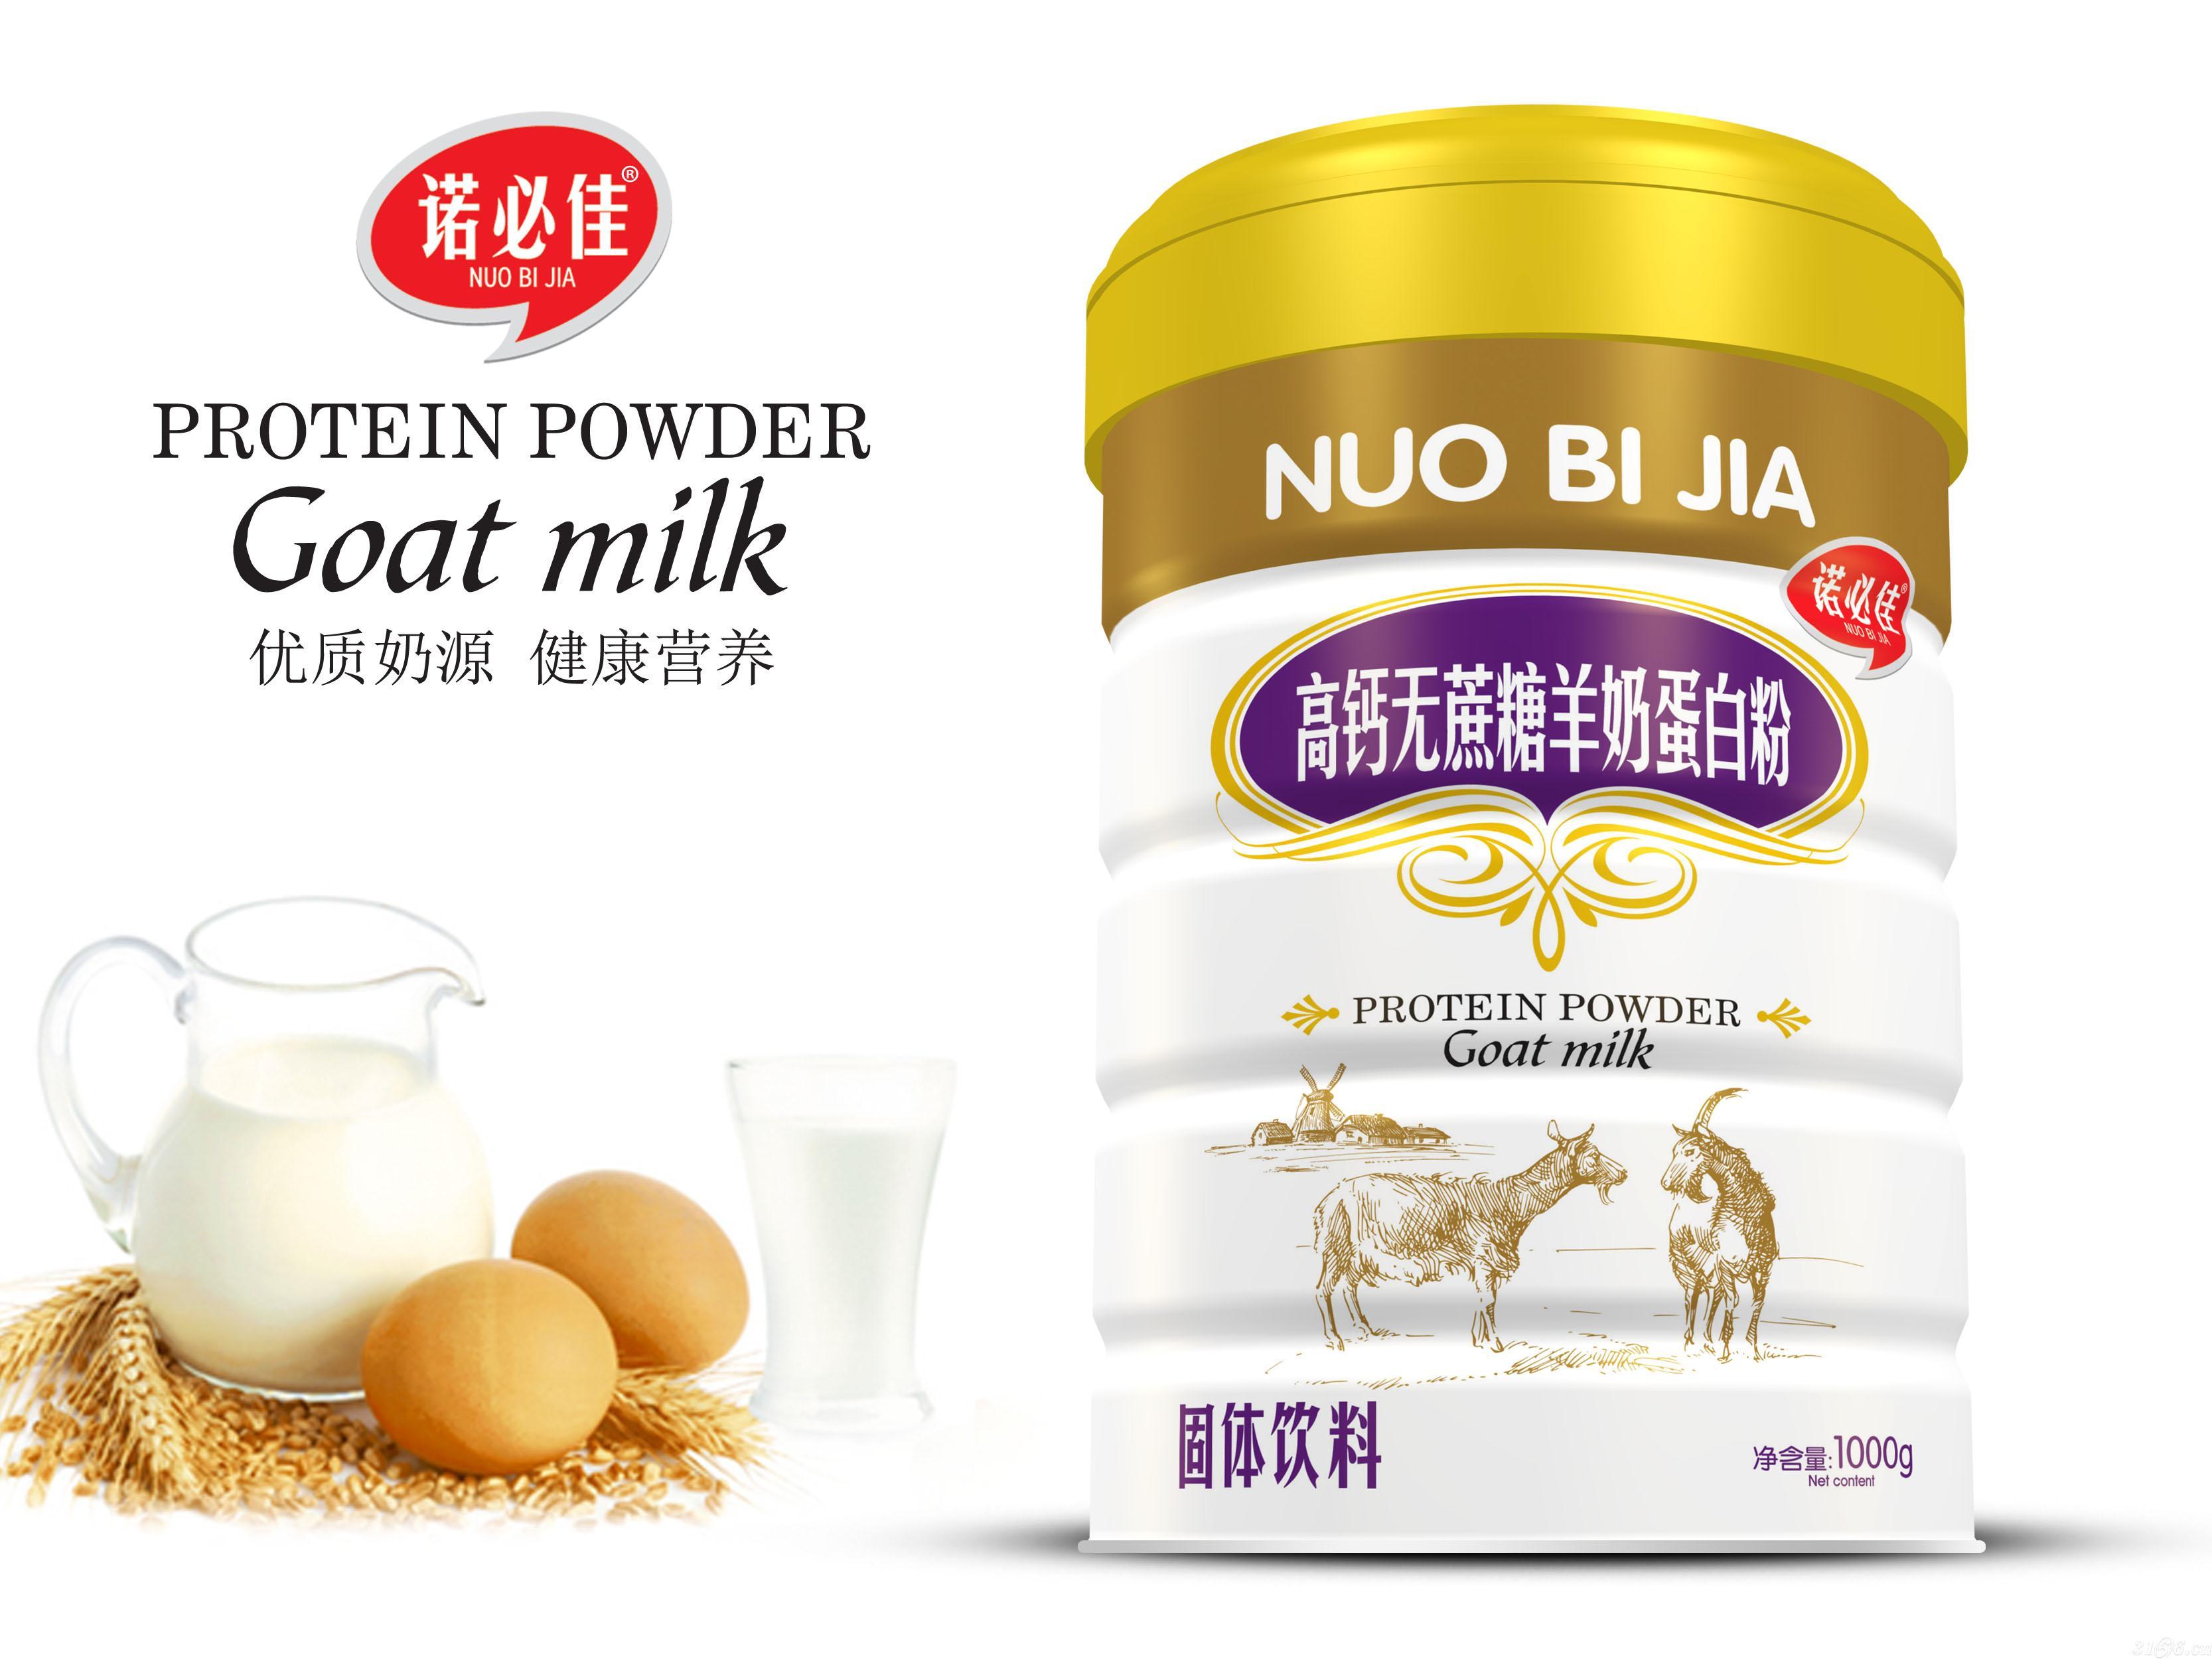 羊奶蛋白粉-高钙无蔗糖